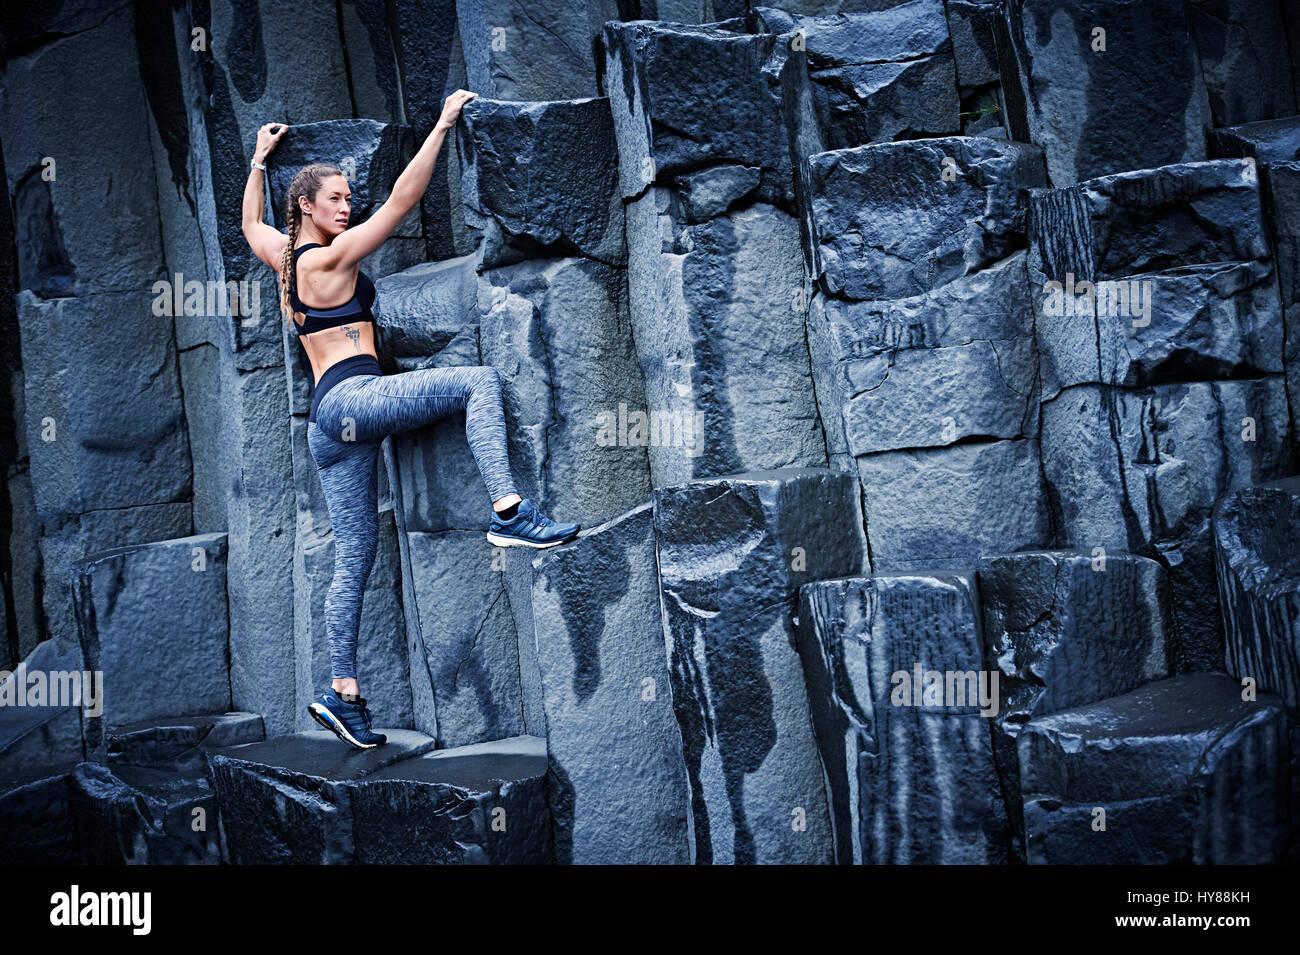 Glücklich selbstbewusste junge Frauen Klettern auf Basaltfelsen im Süden Islands Stockfoto